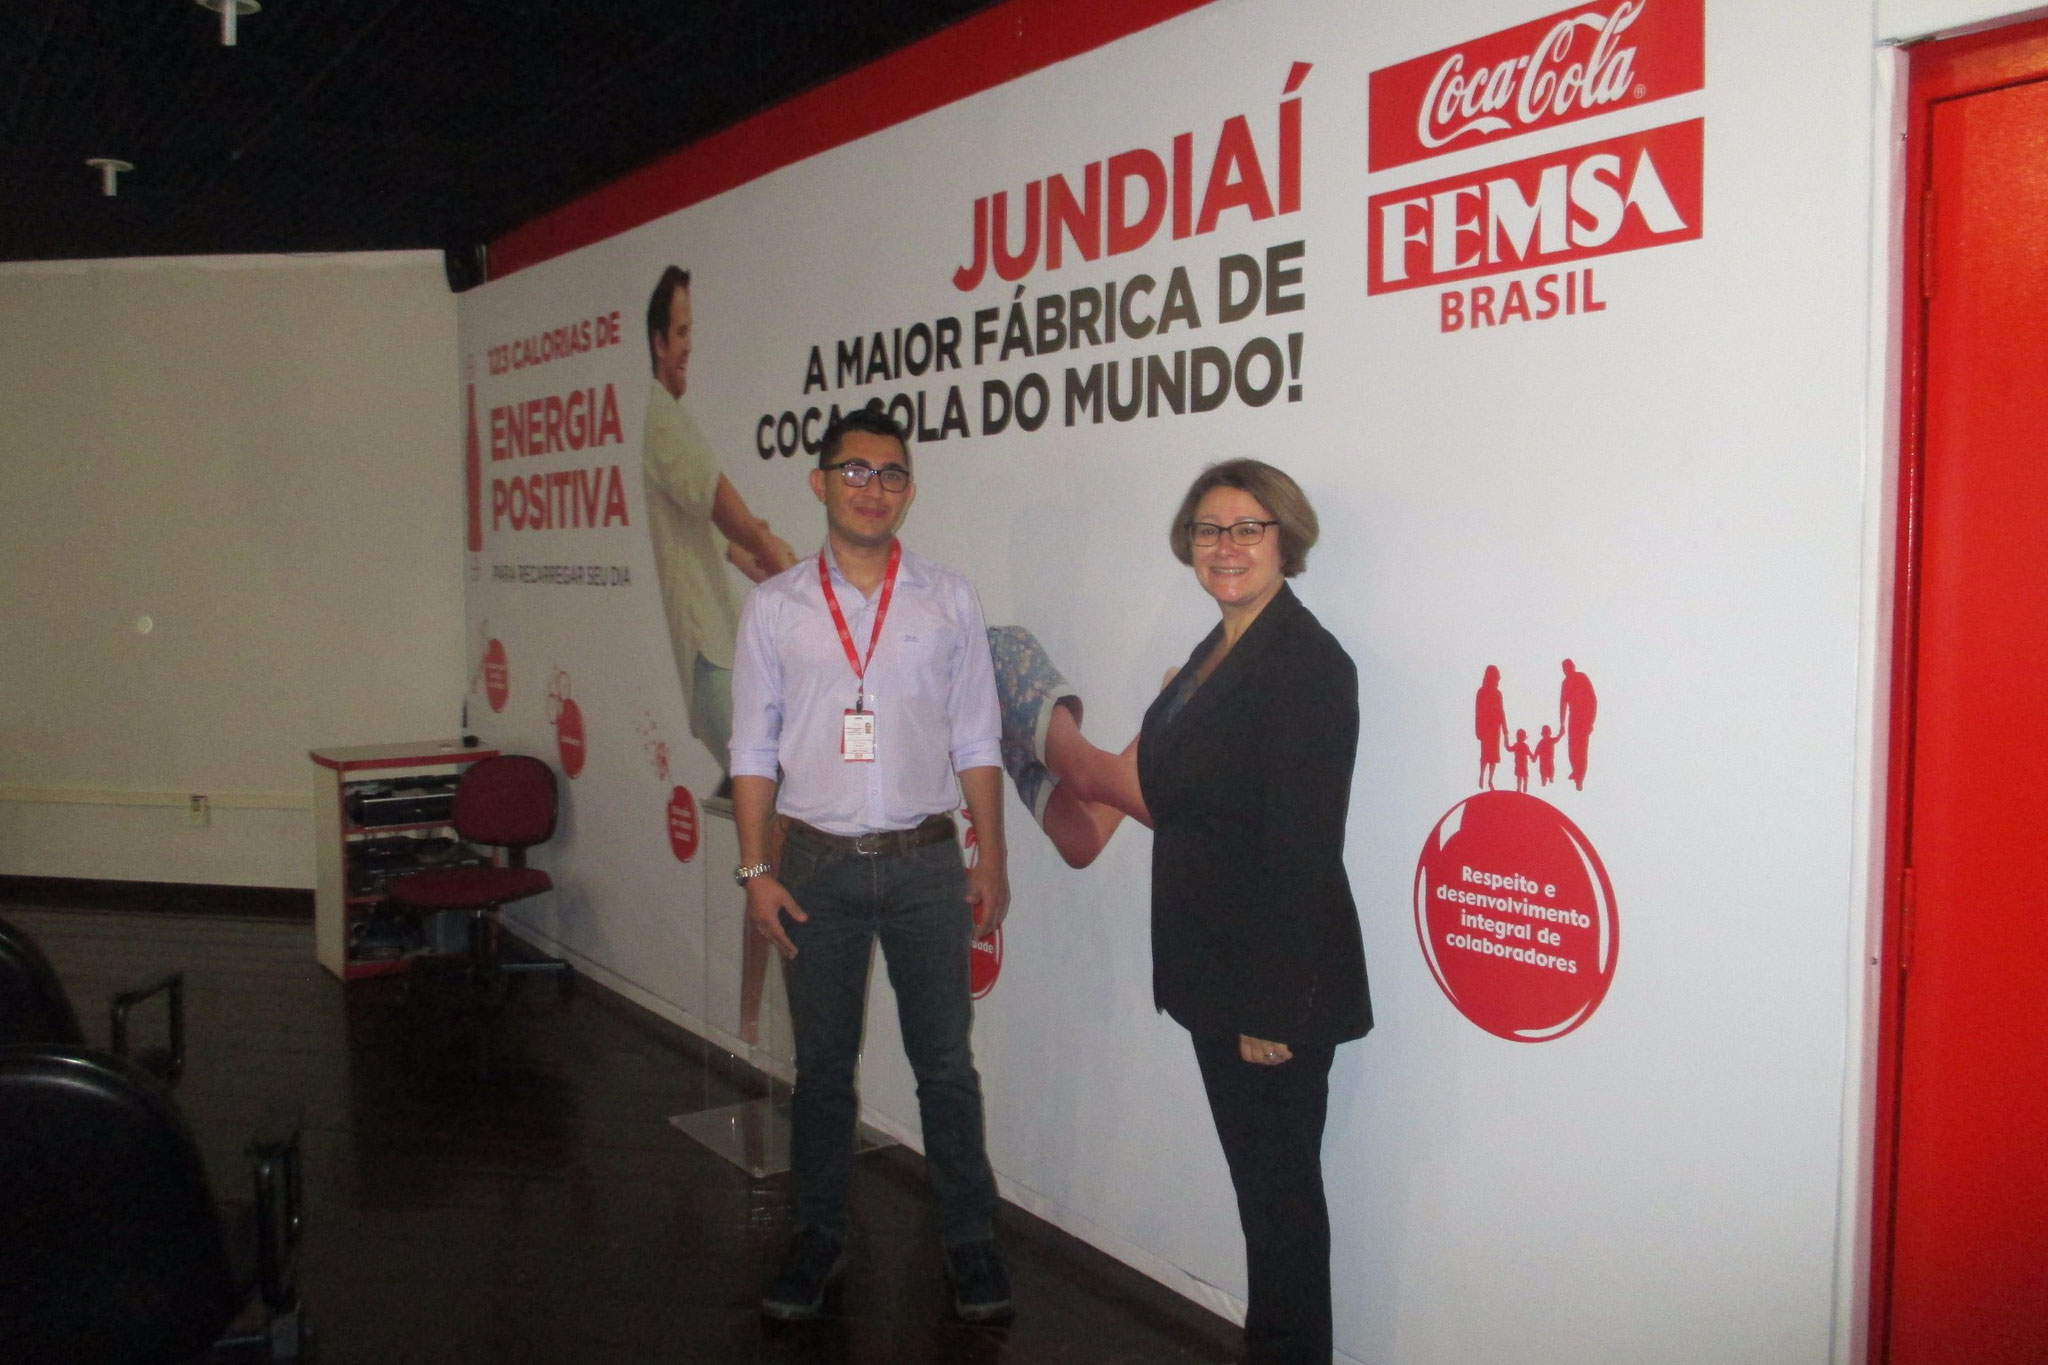 Visiting Coca-Cola Femsa in 2015, Jundiaí, Brazil.